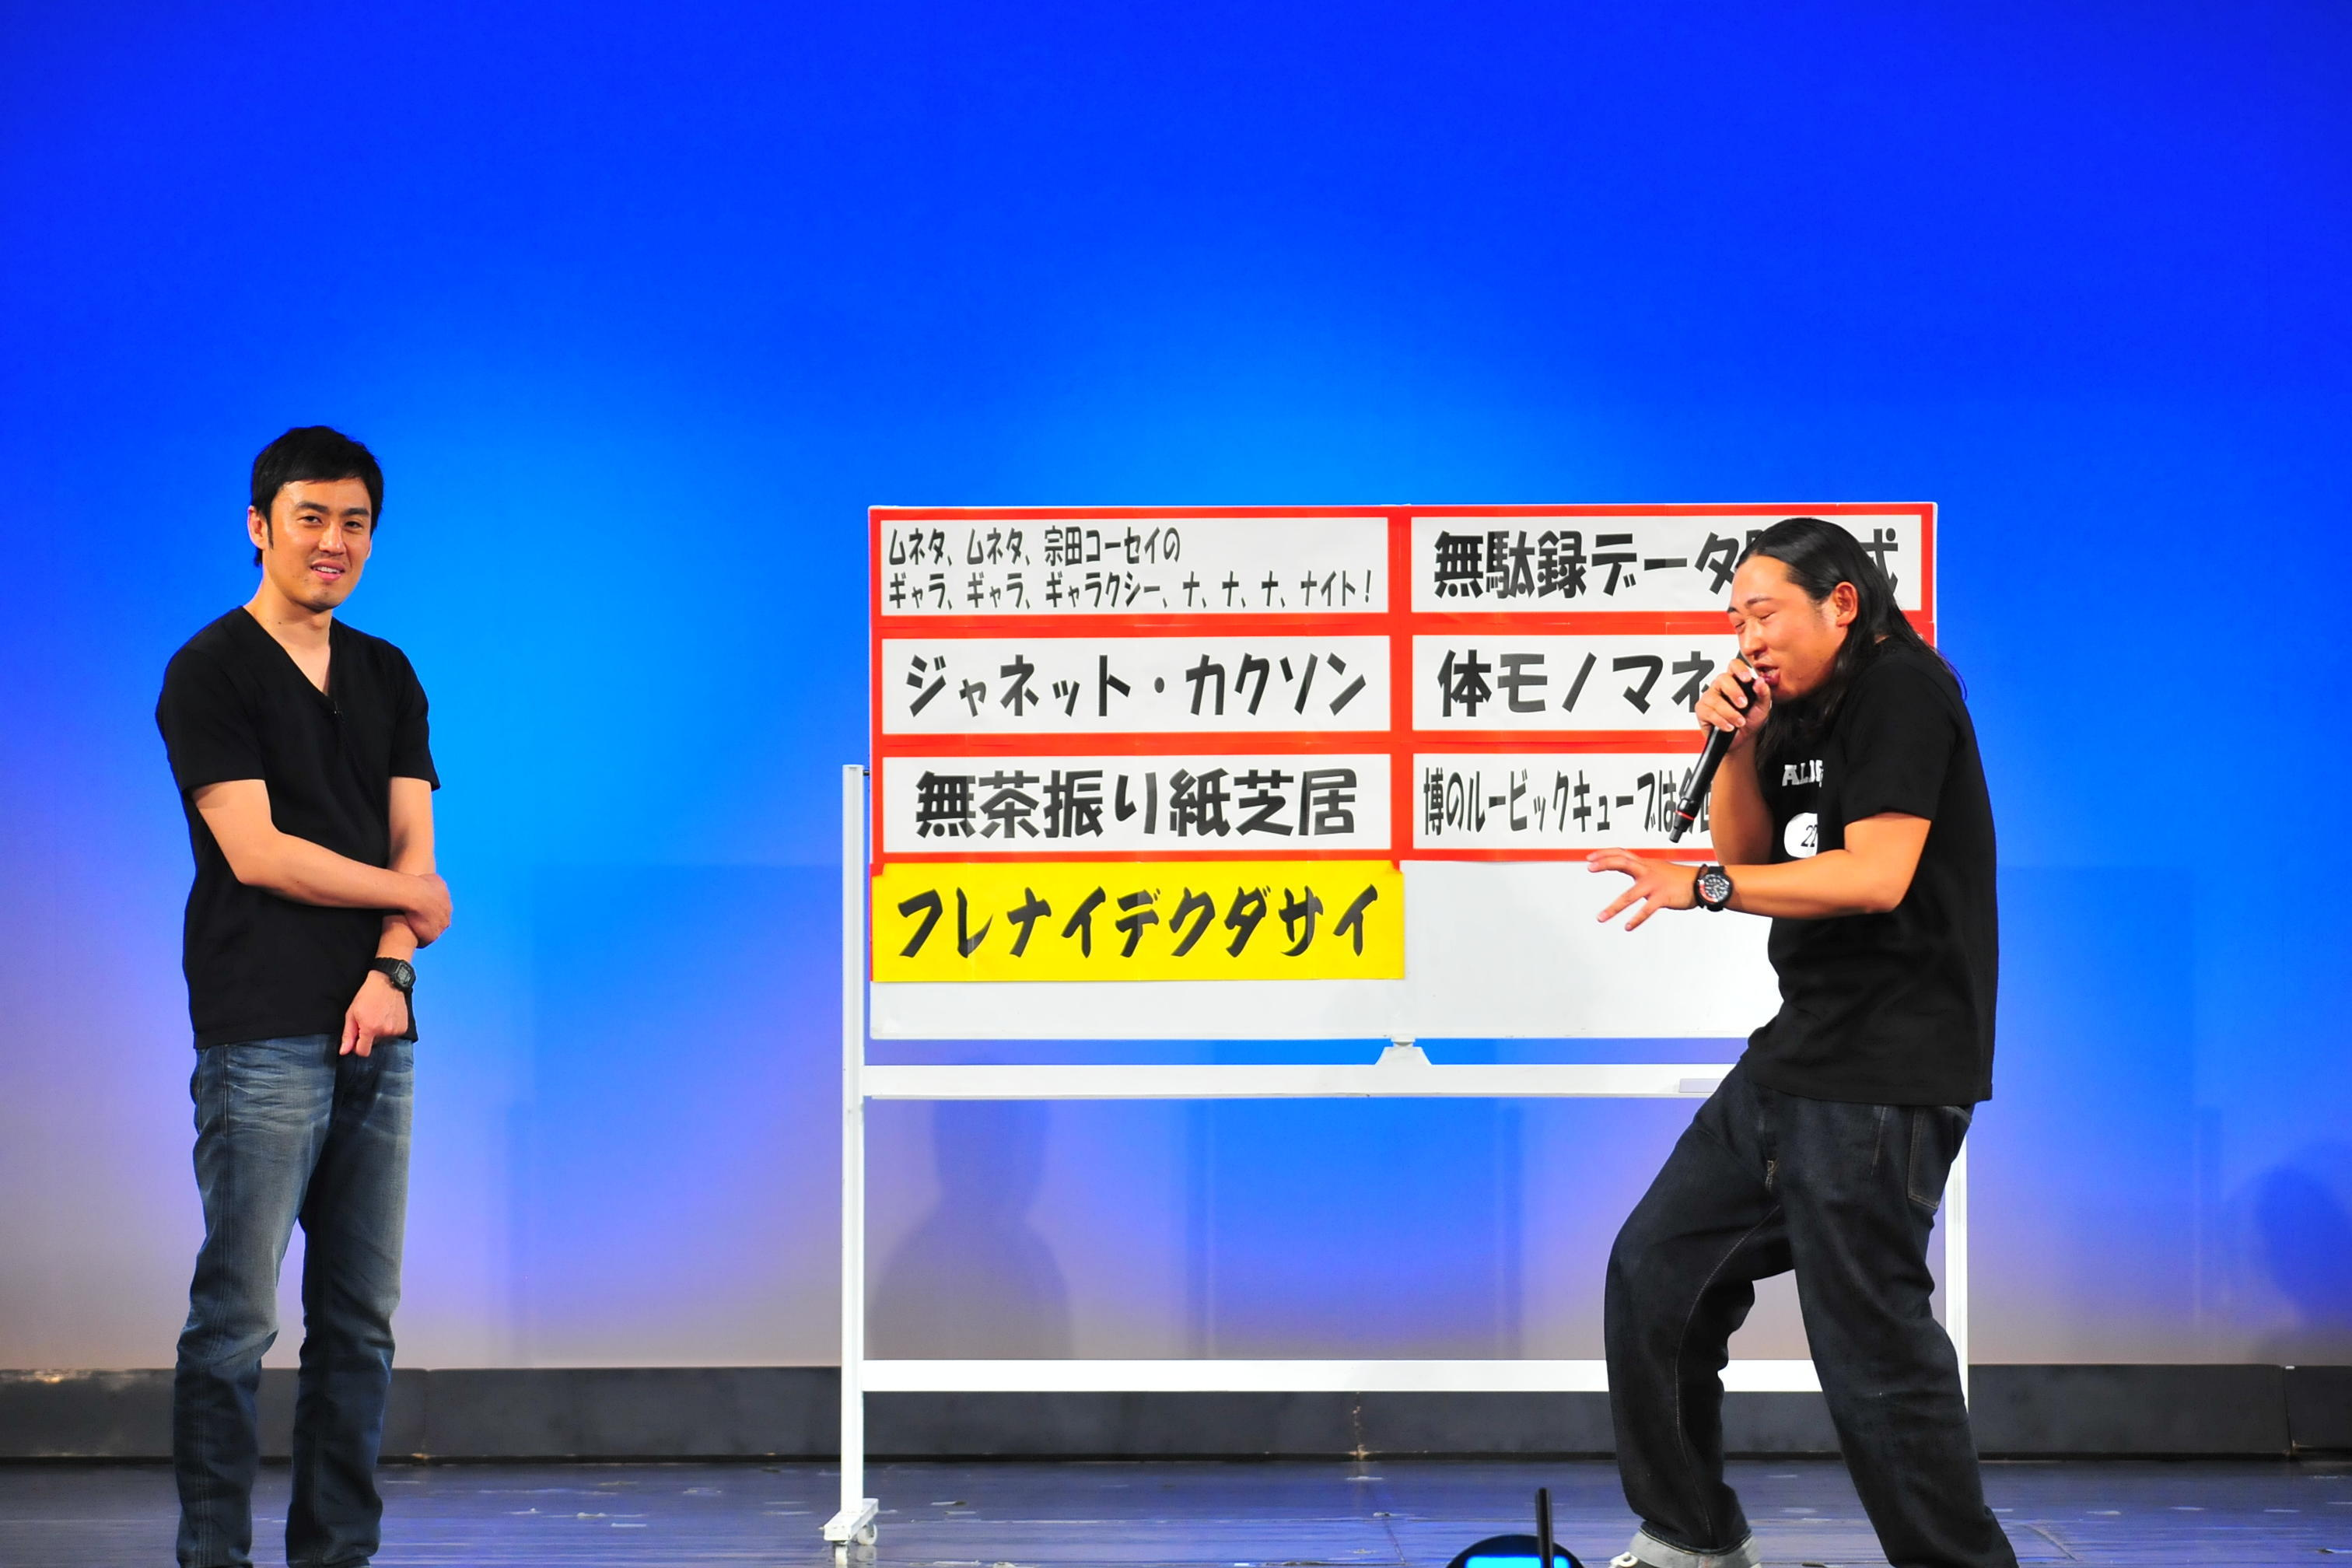 http://news.yoshimoto.co.jp/20160425154128-5e0c283c33376c3ea69128a4be264a60bf598ff3.jpg